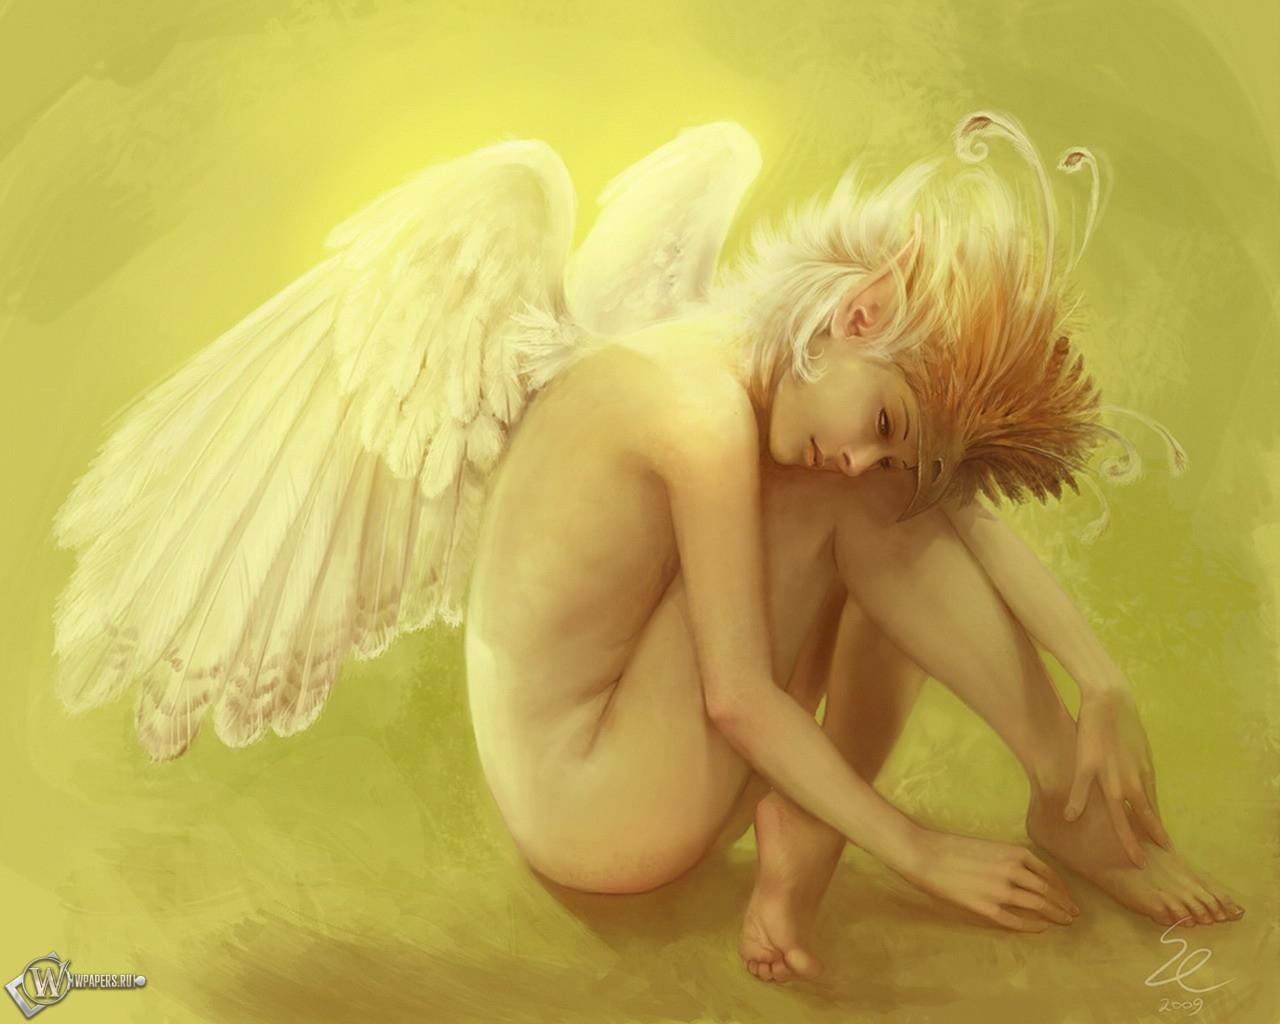 Девушка - Ангел 1280x1024